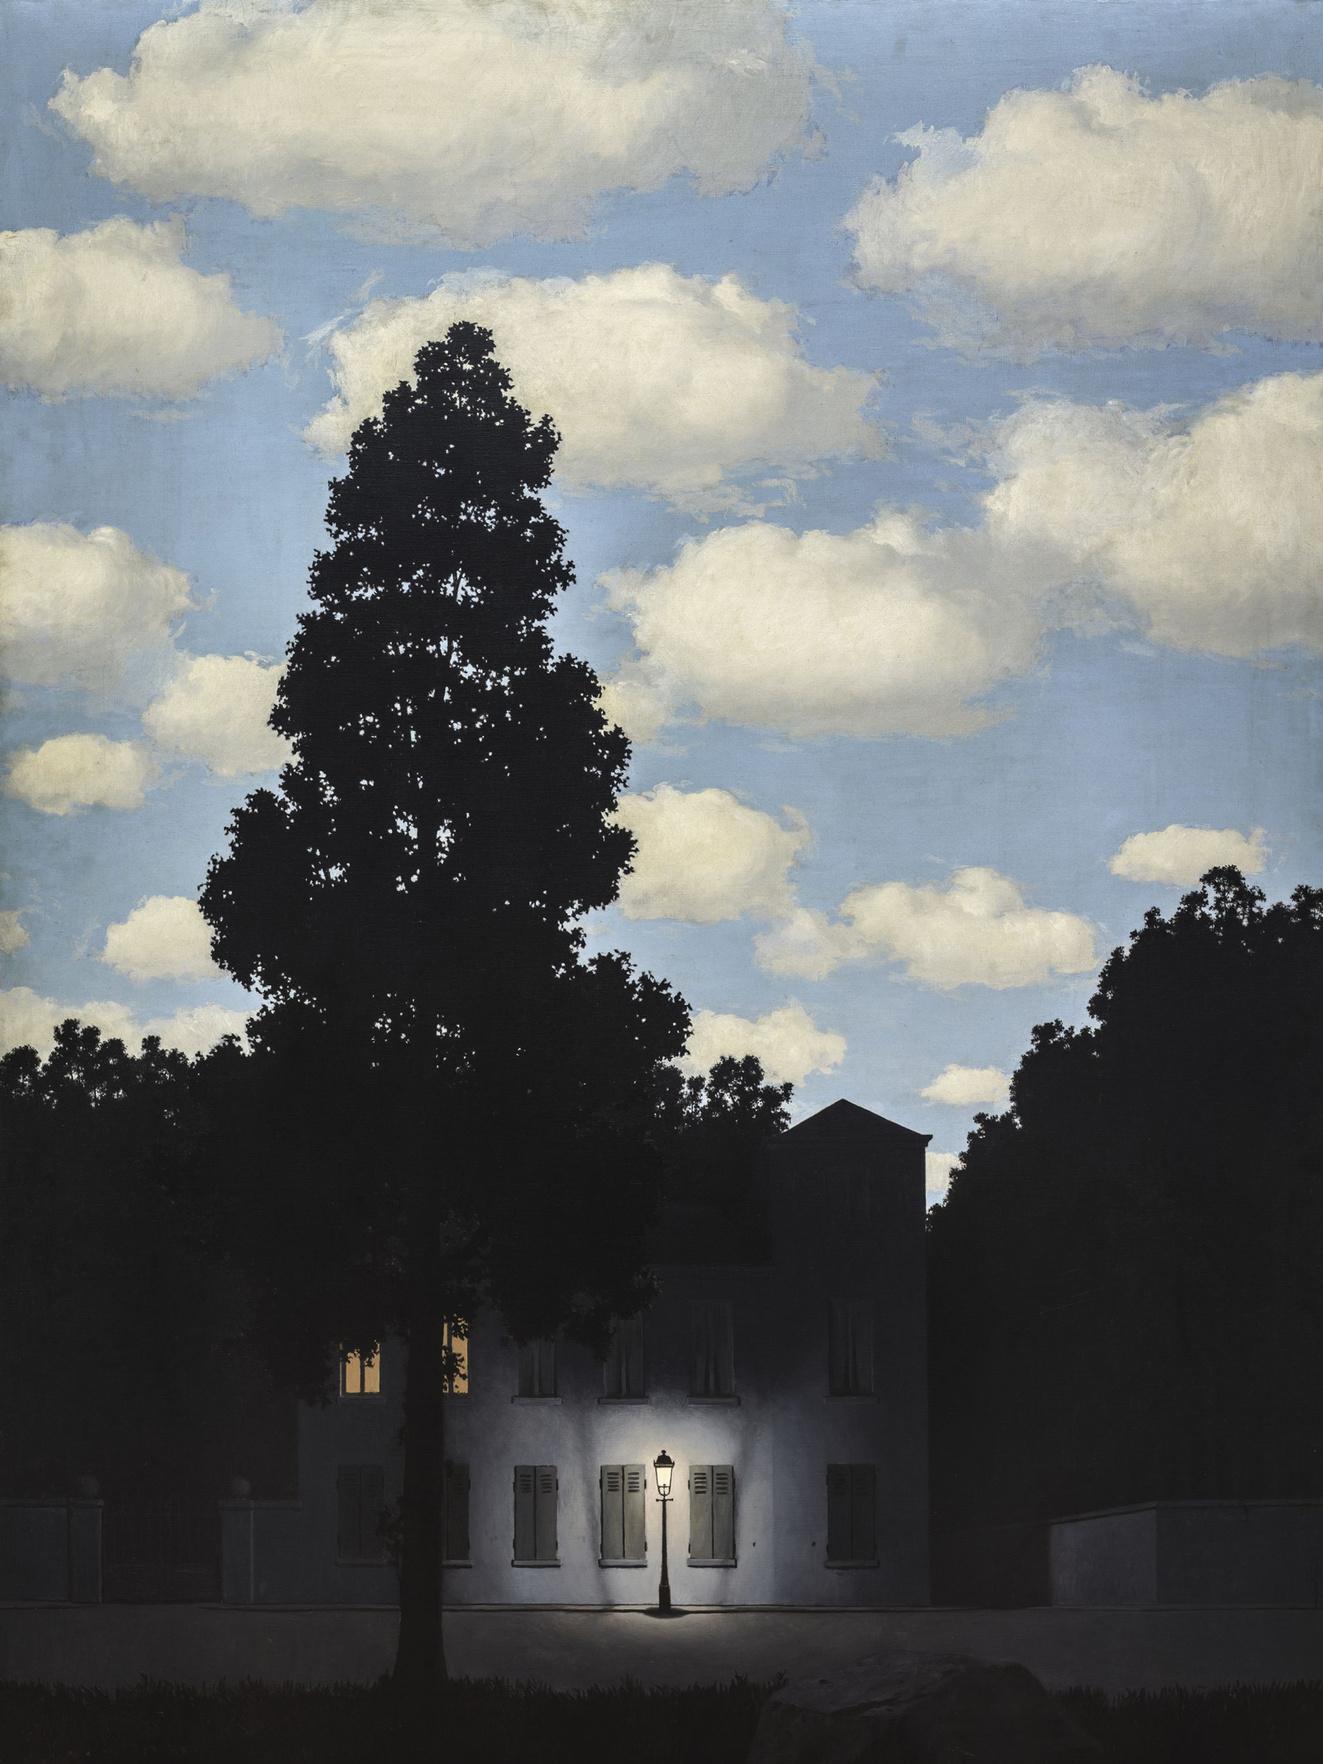 René Magritte, L'Empire des Lumières, 1953-54. Collezione Peggy Guggenheim, Venezia, René Magritte, by SIAE 2019